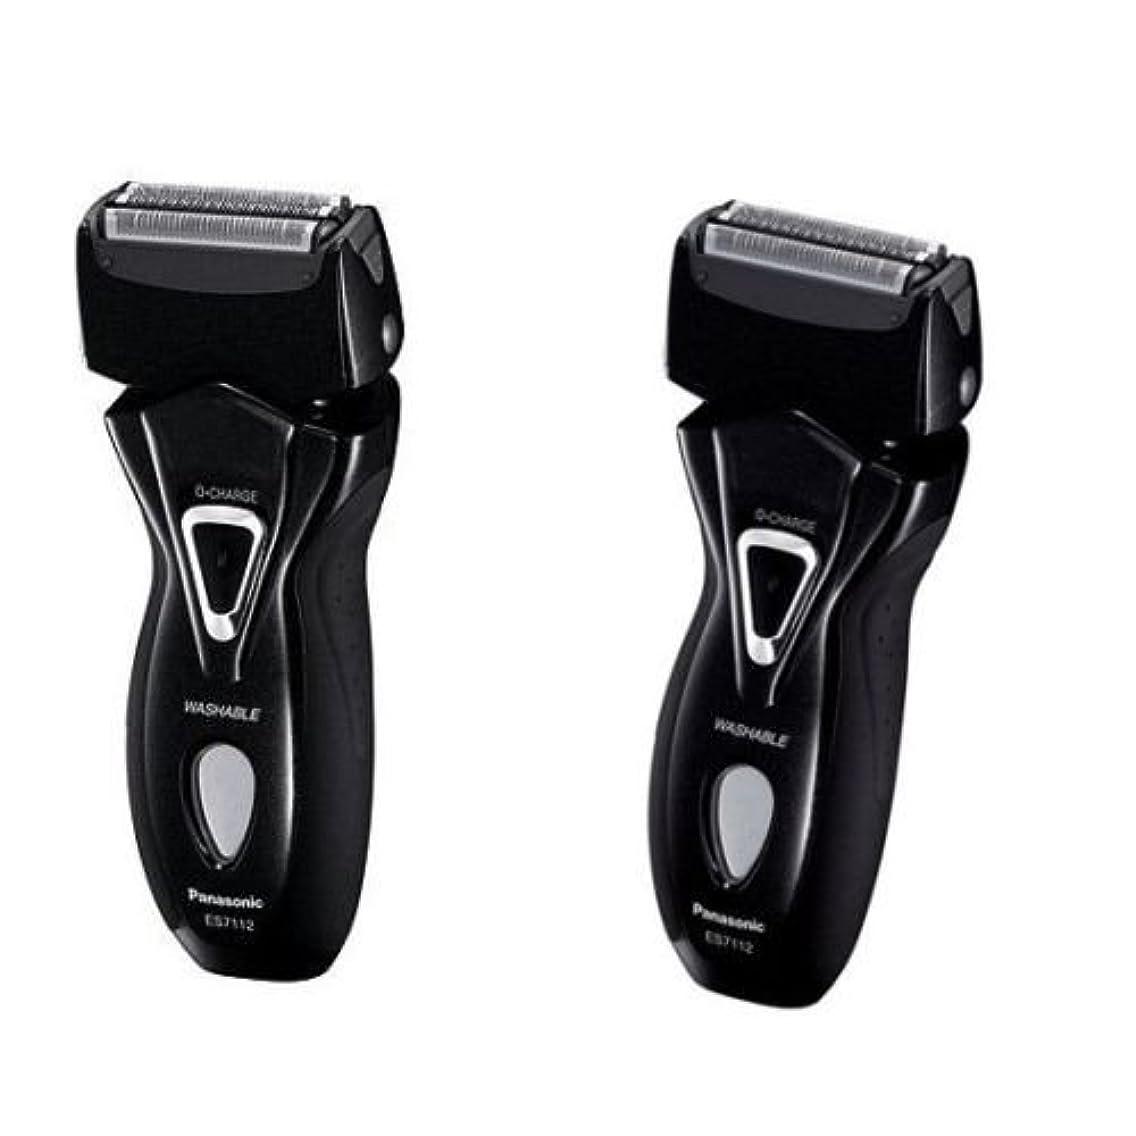 スイス人租界毛布Panasonic ES-7112 メンズシェーバーRAMのダッシュ3剃る100-240V ES7112 /純正 [並行輸入品]